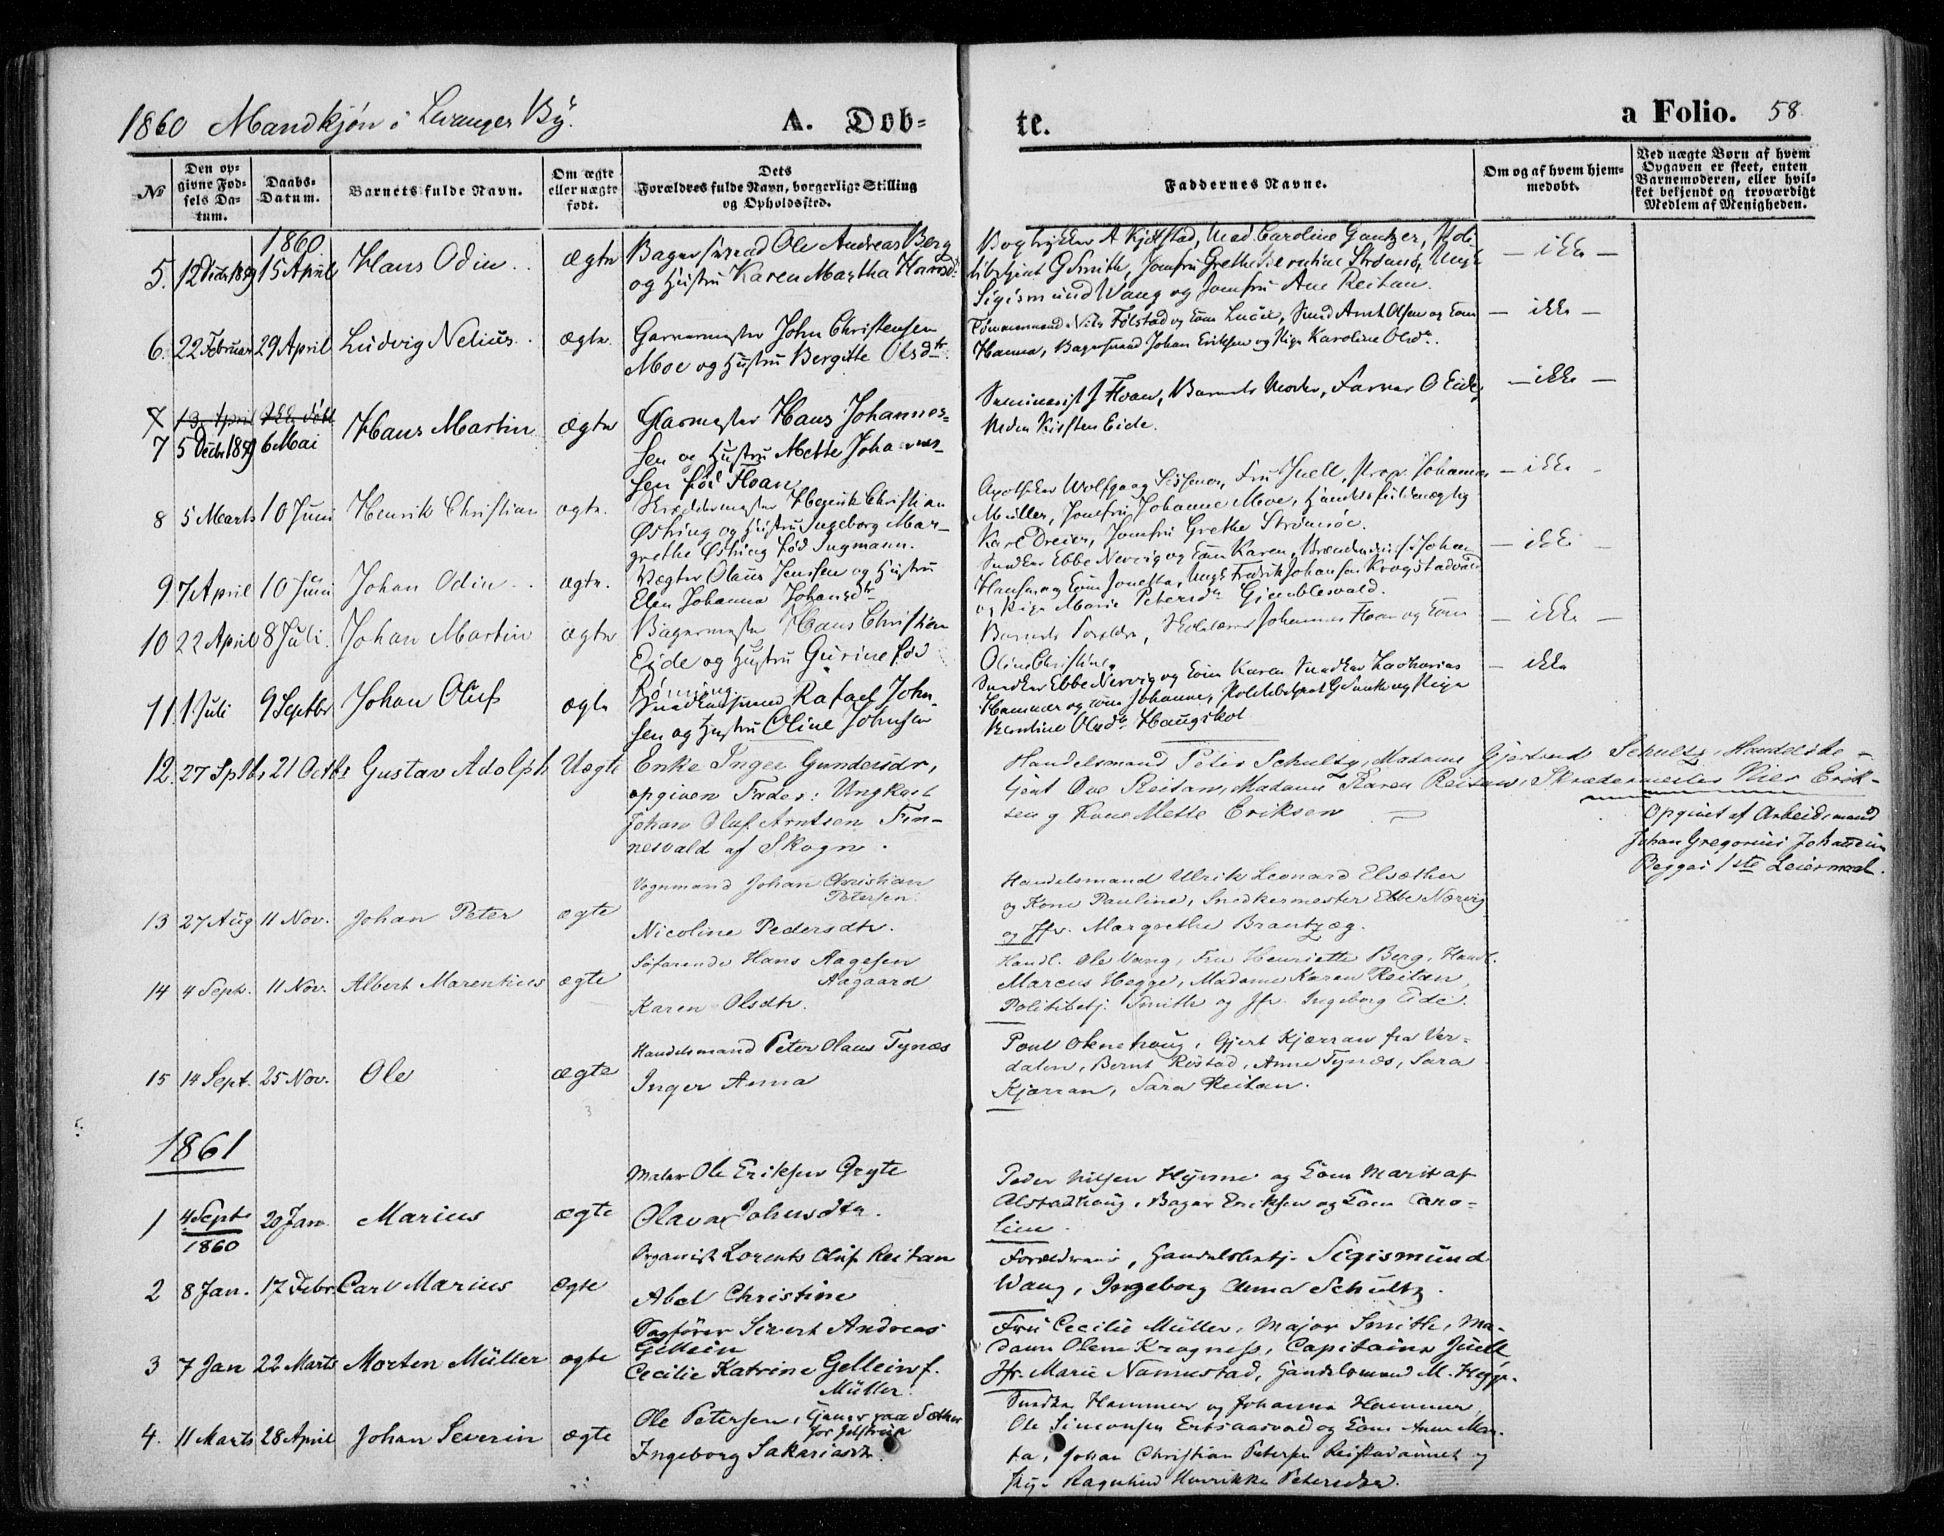 SAT, Ministerialprotokoller, klokkerbøker og fødselsregistre - Nord-Trøndelag, 720/L0184: Ministerialbok nr. 720A02 /1, 1855-1863, s. 58